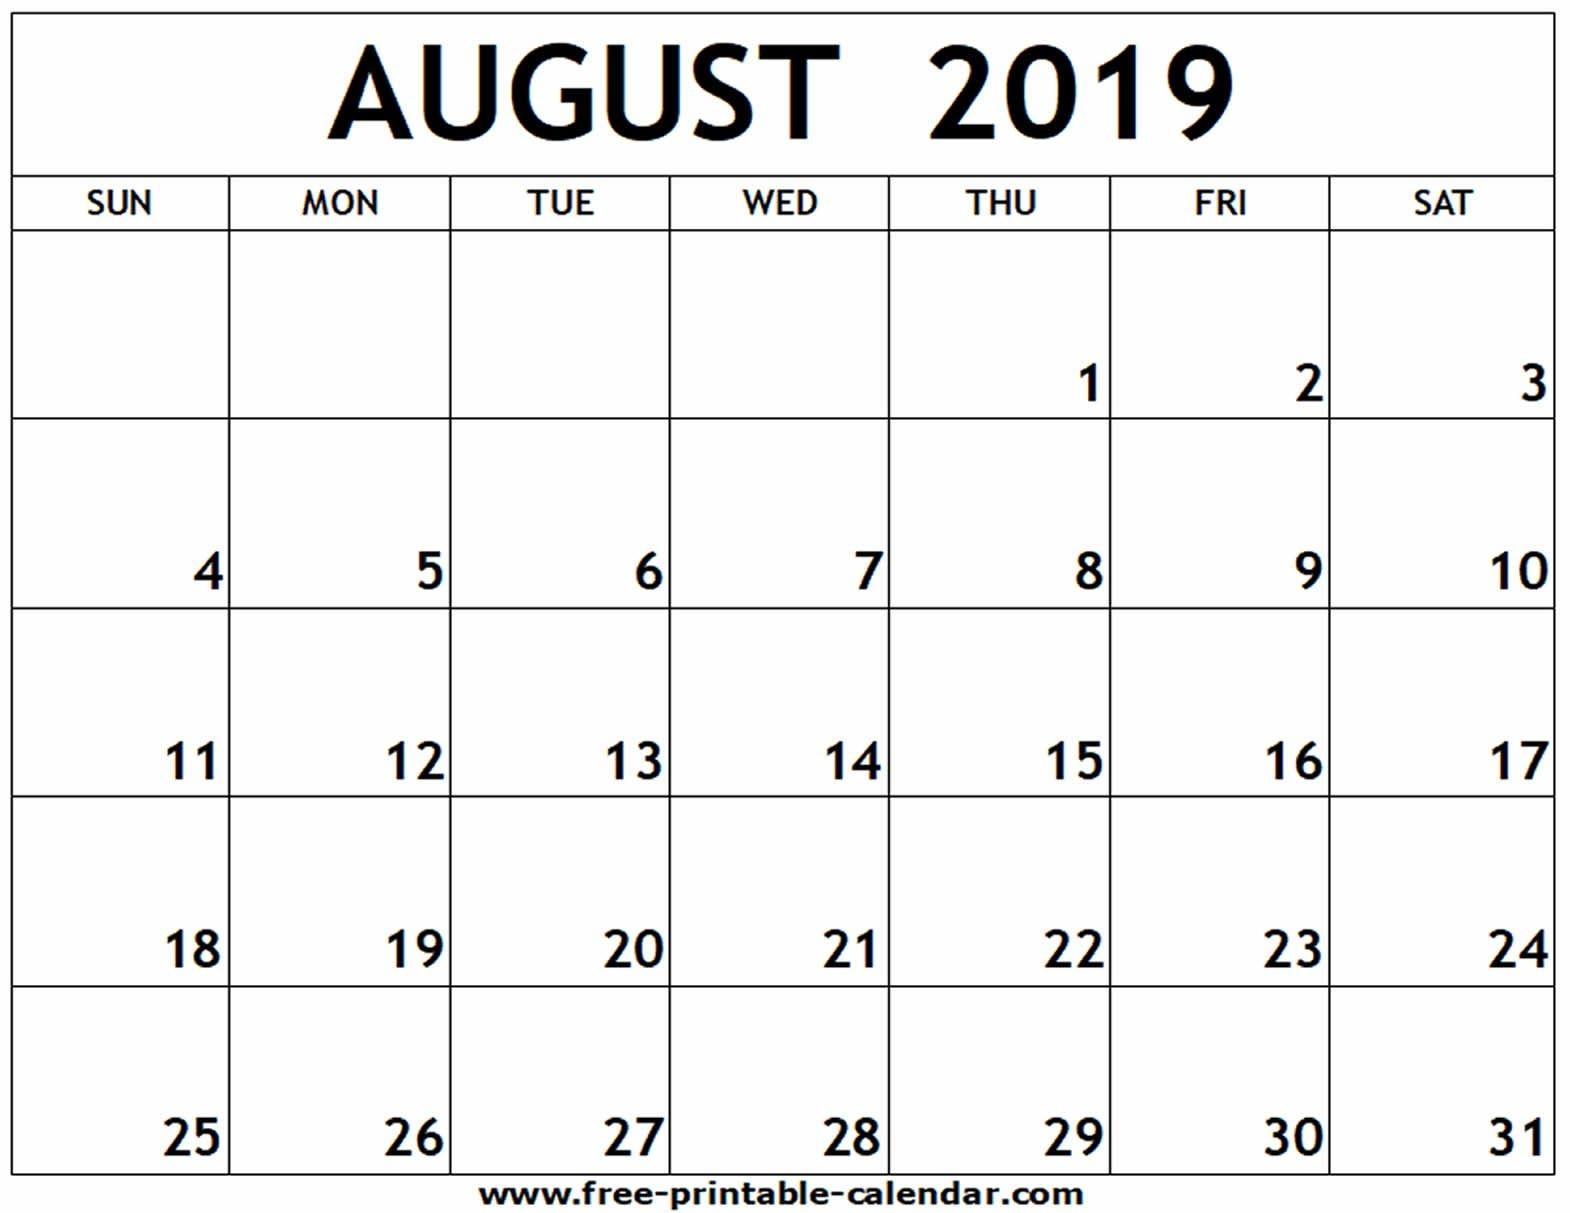 Calendar Print Out August 2019 | Calendar Format Example